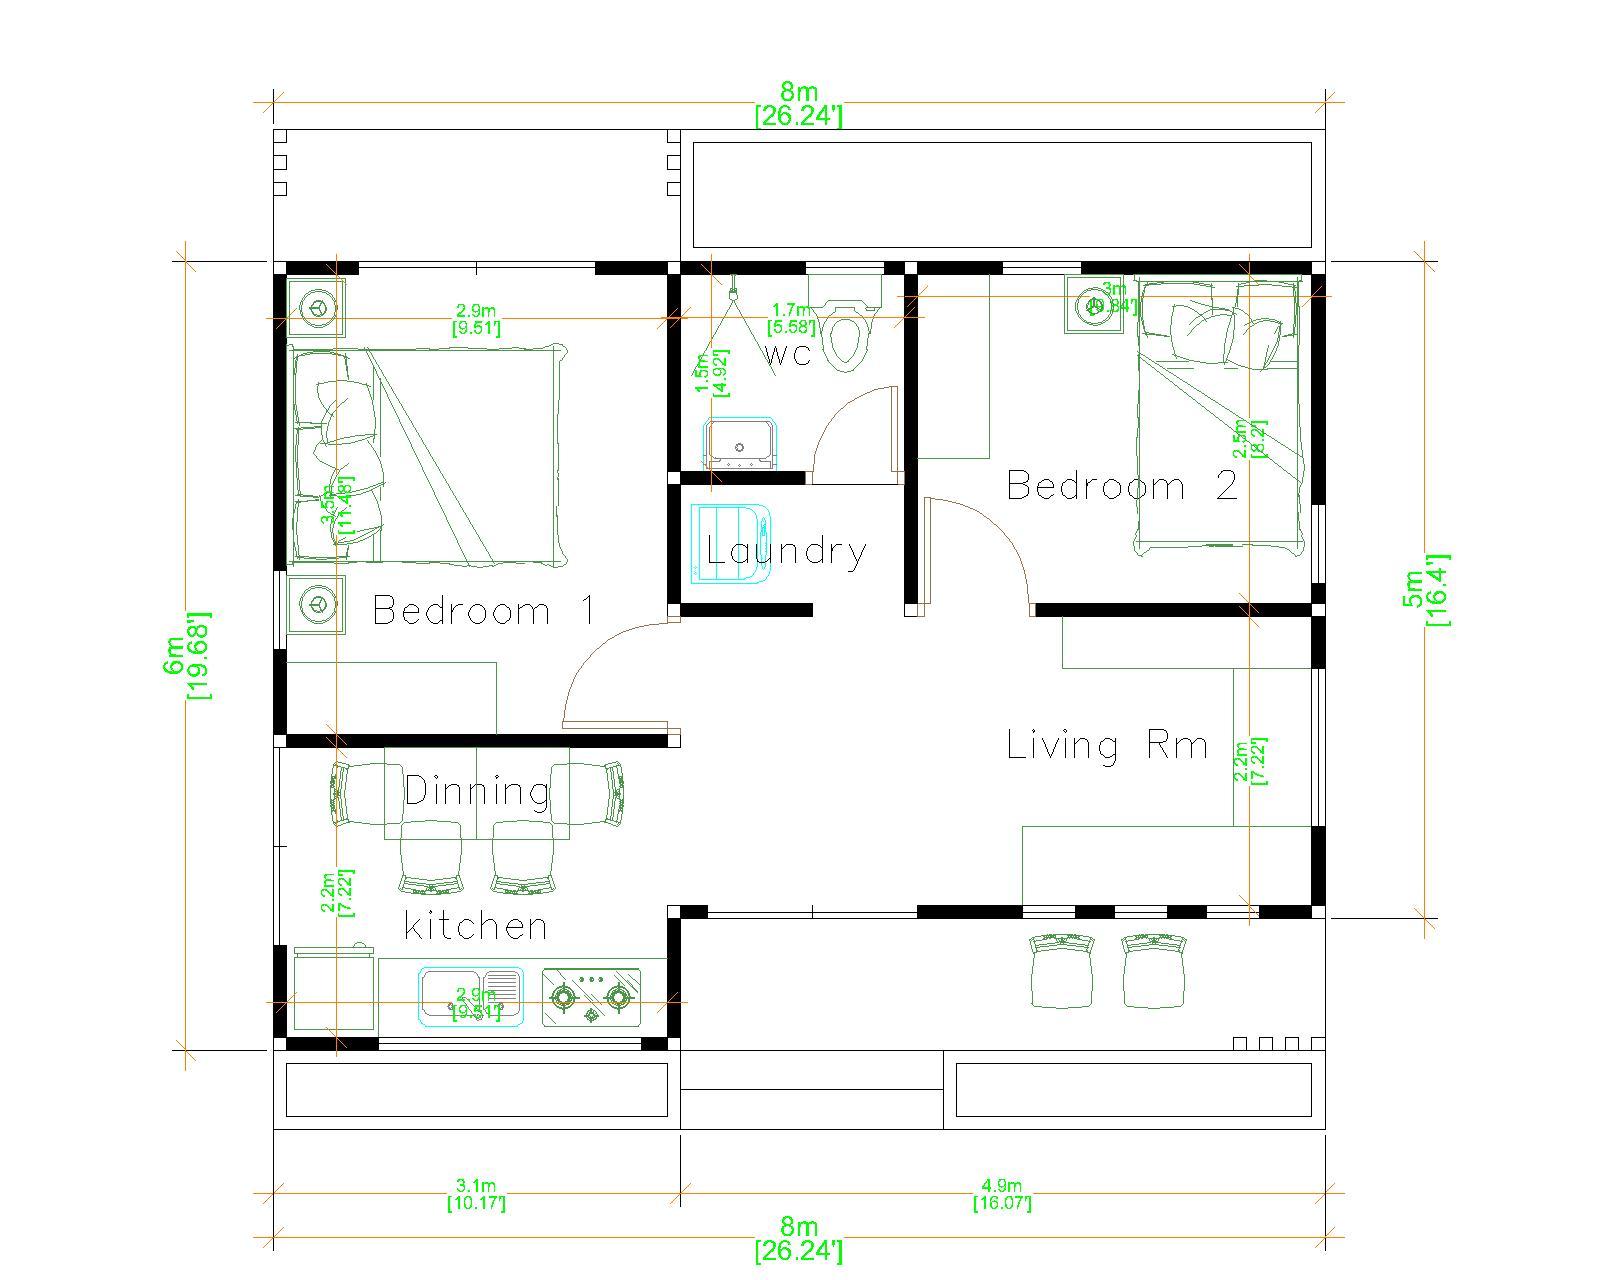 Tiny Home Layouts 8x6 Meter 26x20 Feet 2 Beds floor plan